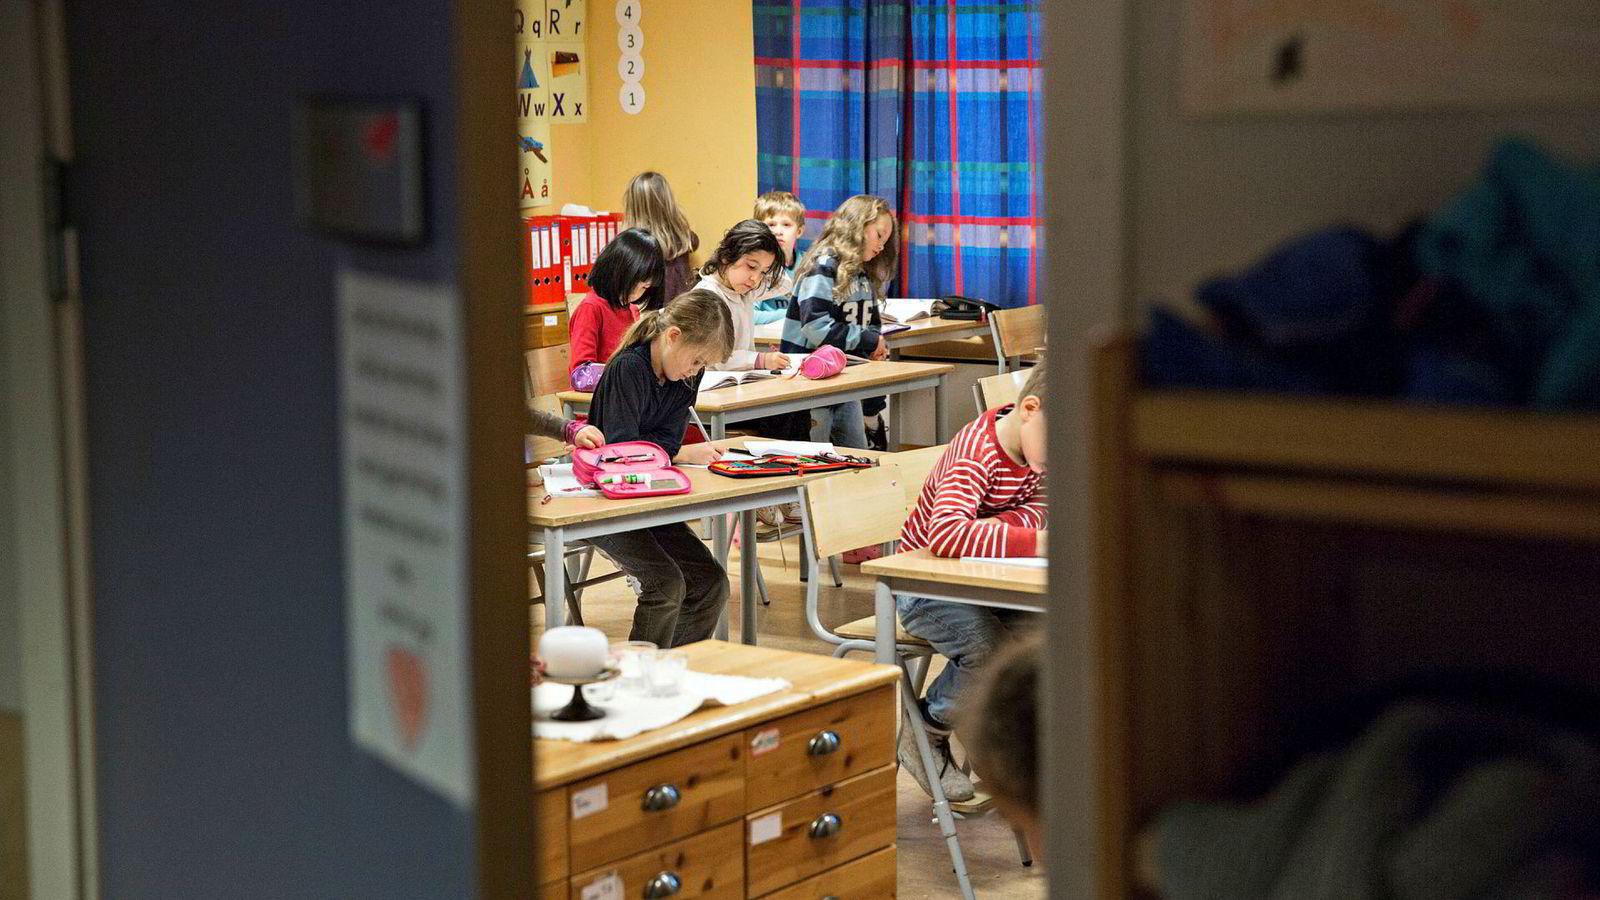 Fra flere hold etterlyses det tydelige retningslinjer for hva elevene skal lære, skriver artikkelforfatteren.